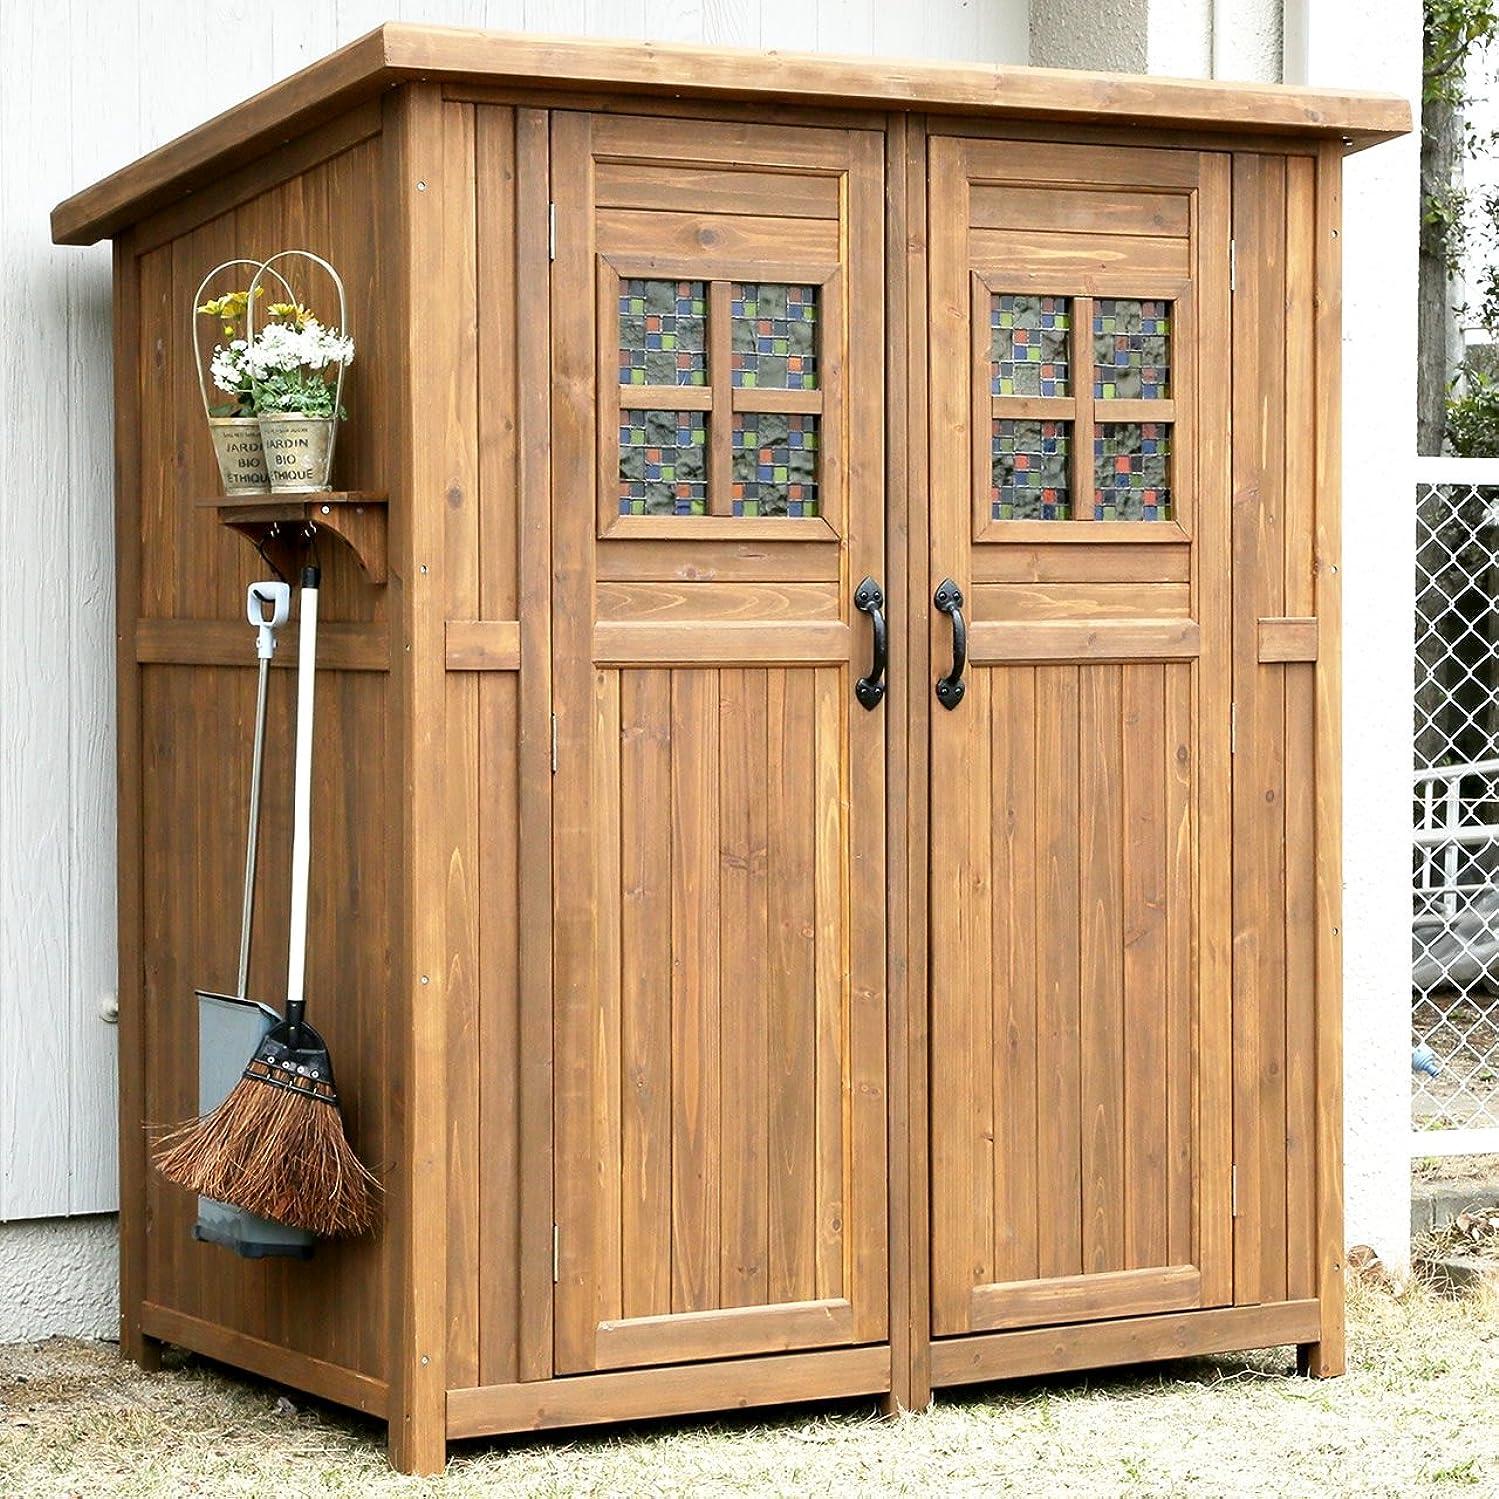 若さ神経障害同意ガーデンガーデン 木製収納庫 物置 Potager ポタジェモザイク 木製物置小屋 (高さ177cm×幅156cm×奥行き106cm) ライトブラウン PTG-177LBR